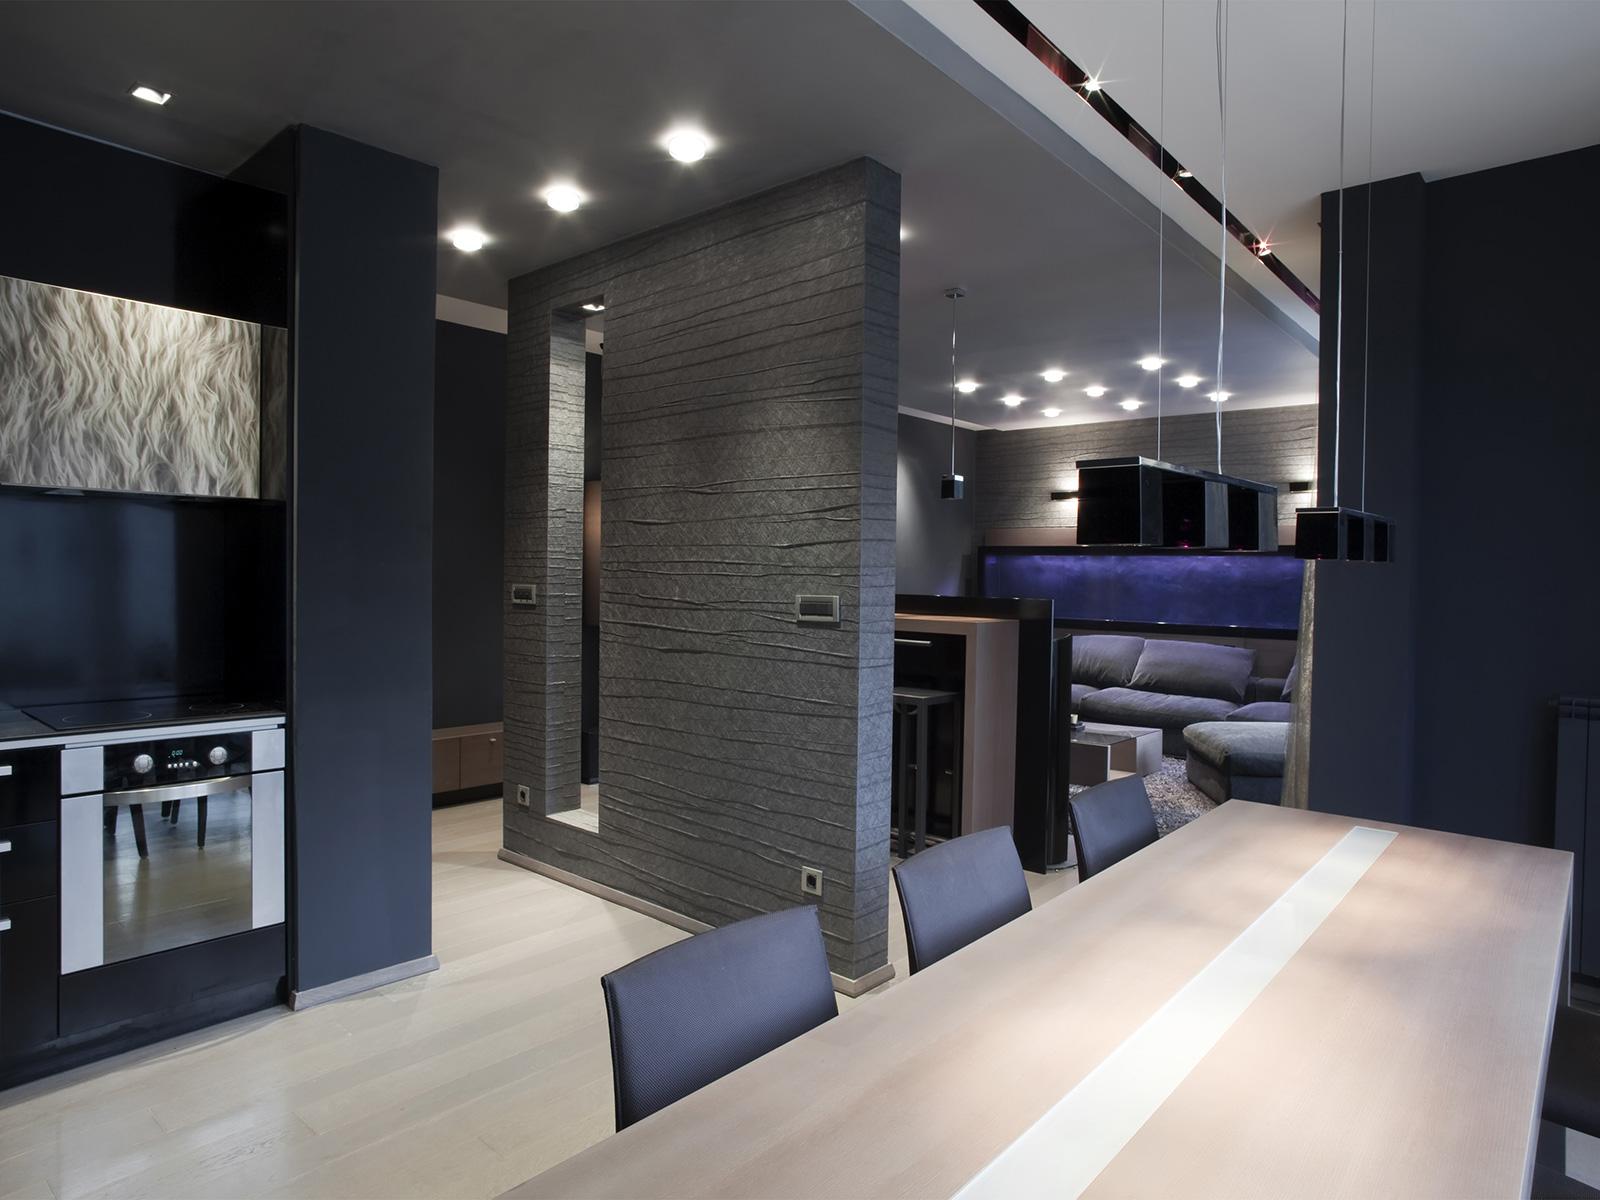 Фото дизайна квартиры в стиле хай тек